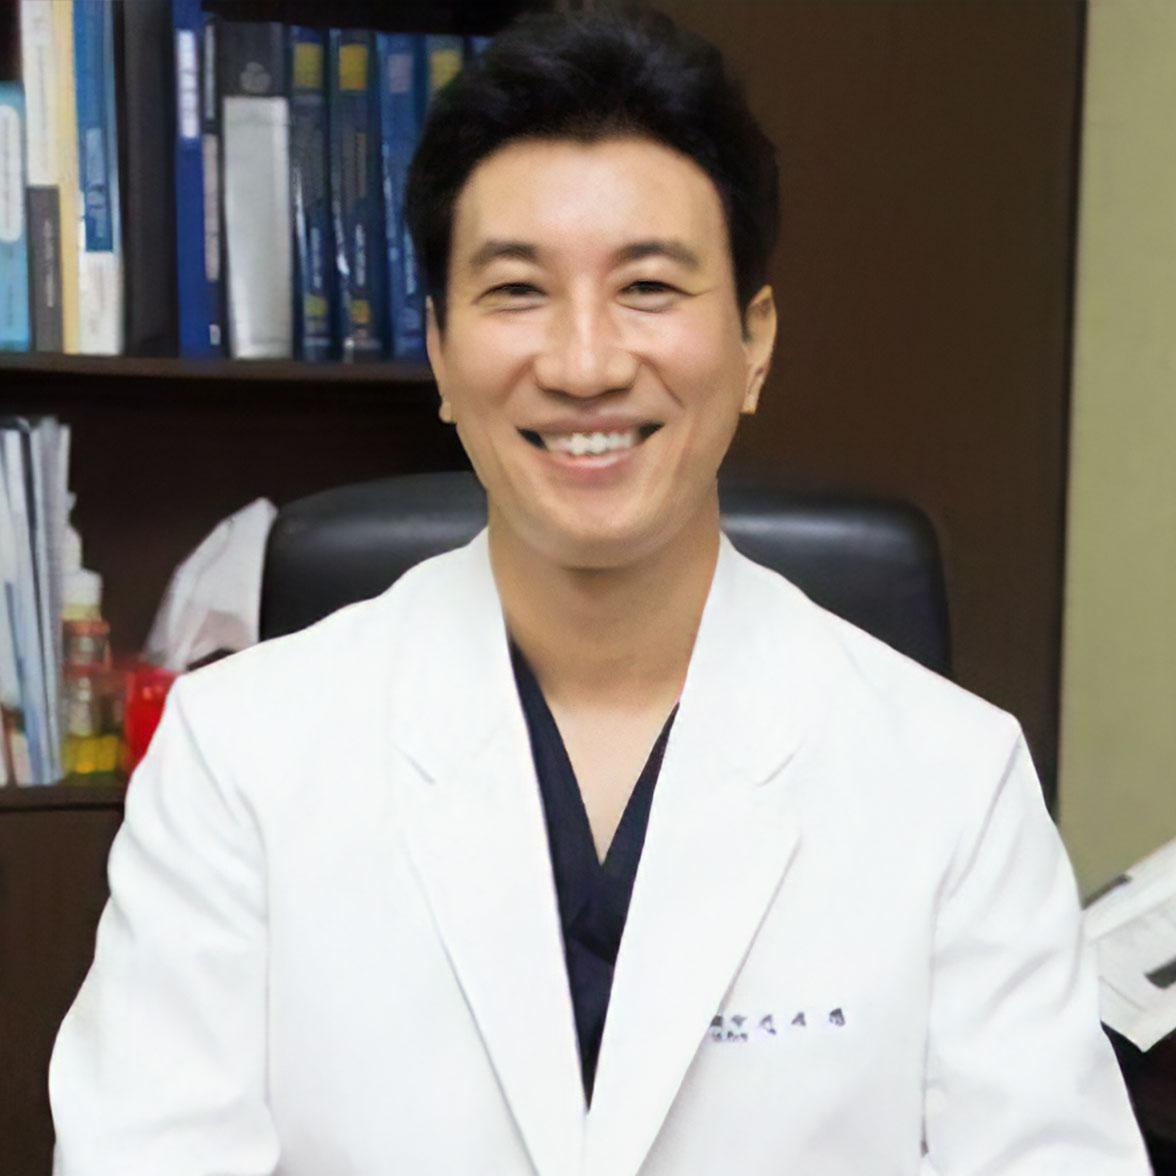 Prof. Yi-Kyoung Shin